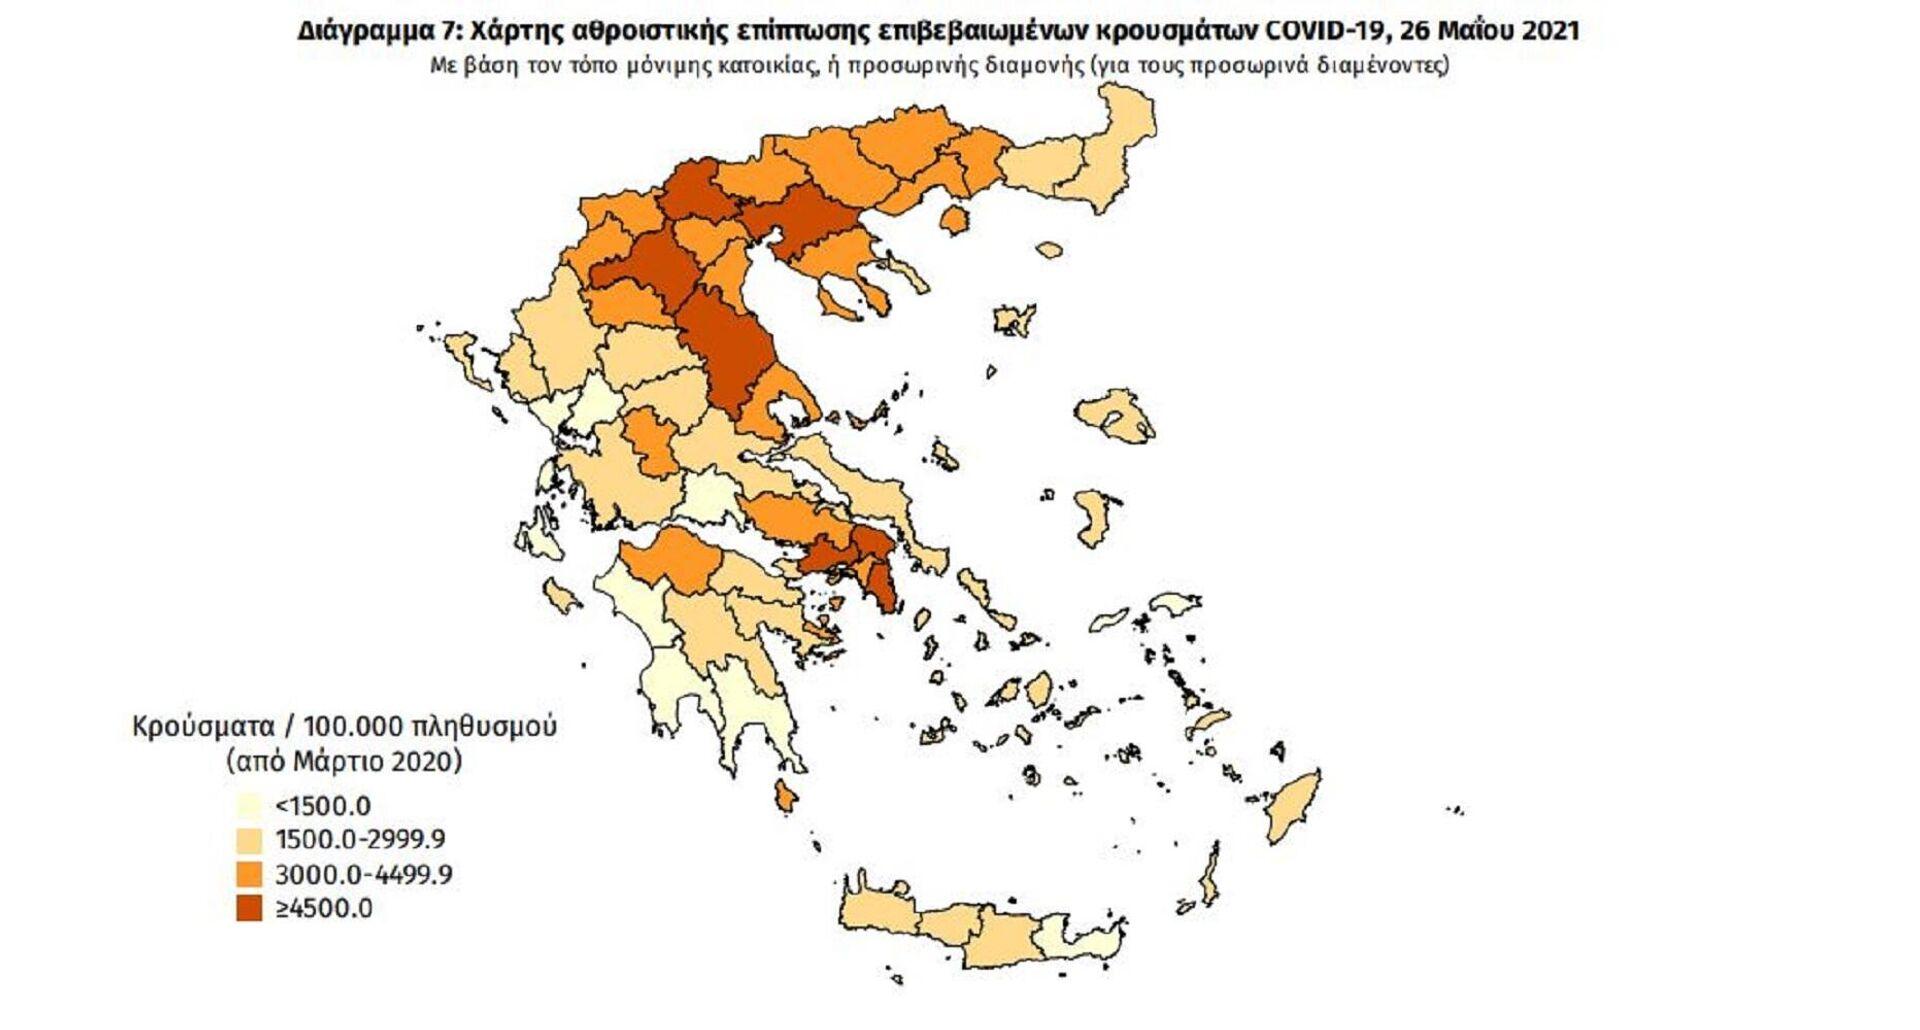 Χάρτης αθροιστικής επίπτωσης επιβεβαιωμένων κρουσμάτων COVID-19, 26 Μαΐου 2021 - Sputnik Ελλάδα, 1920, 26.05.2021